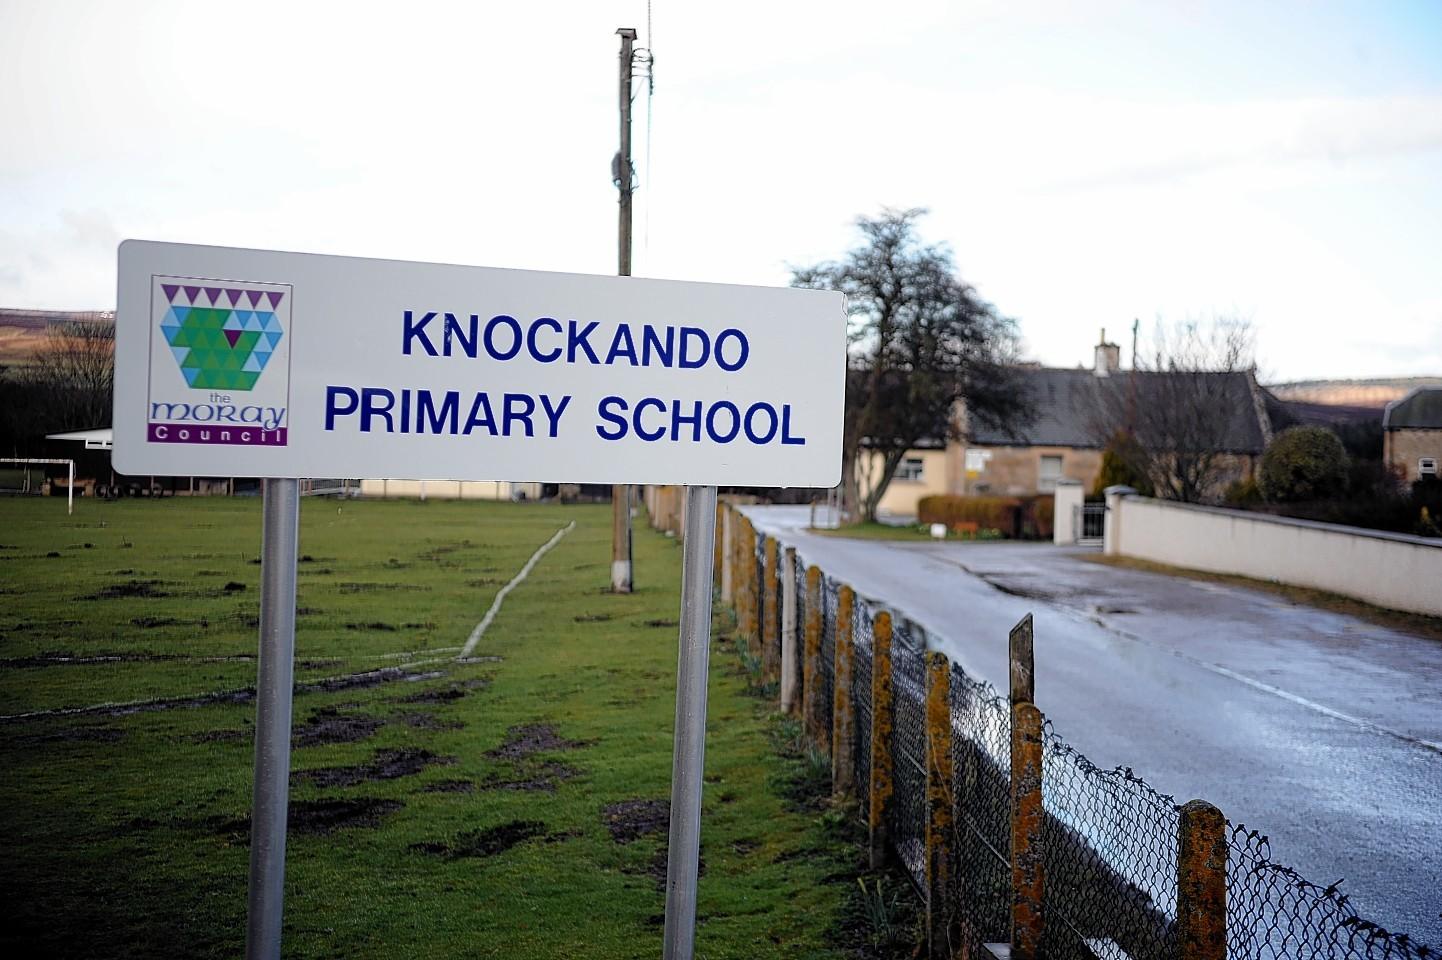 Knockando Primary School